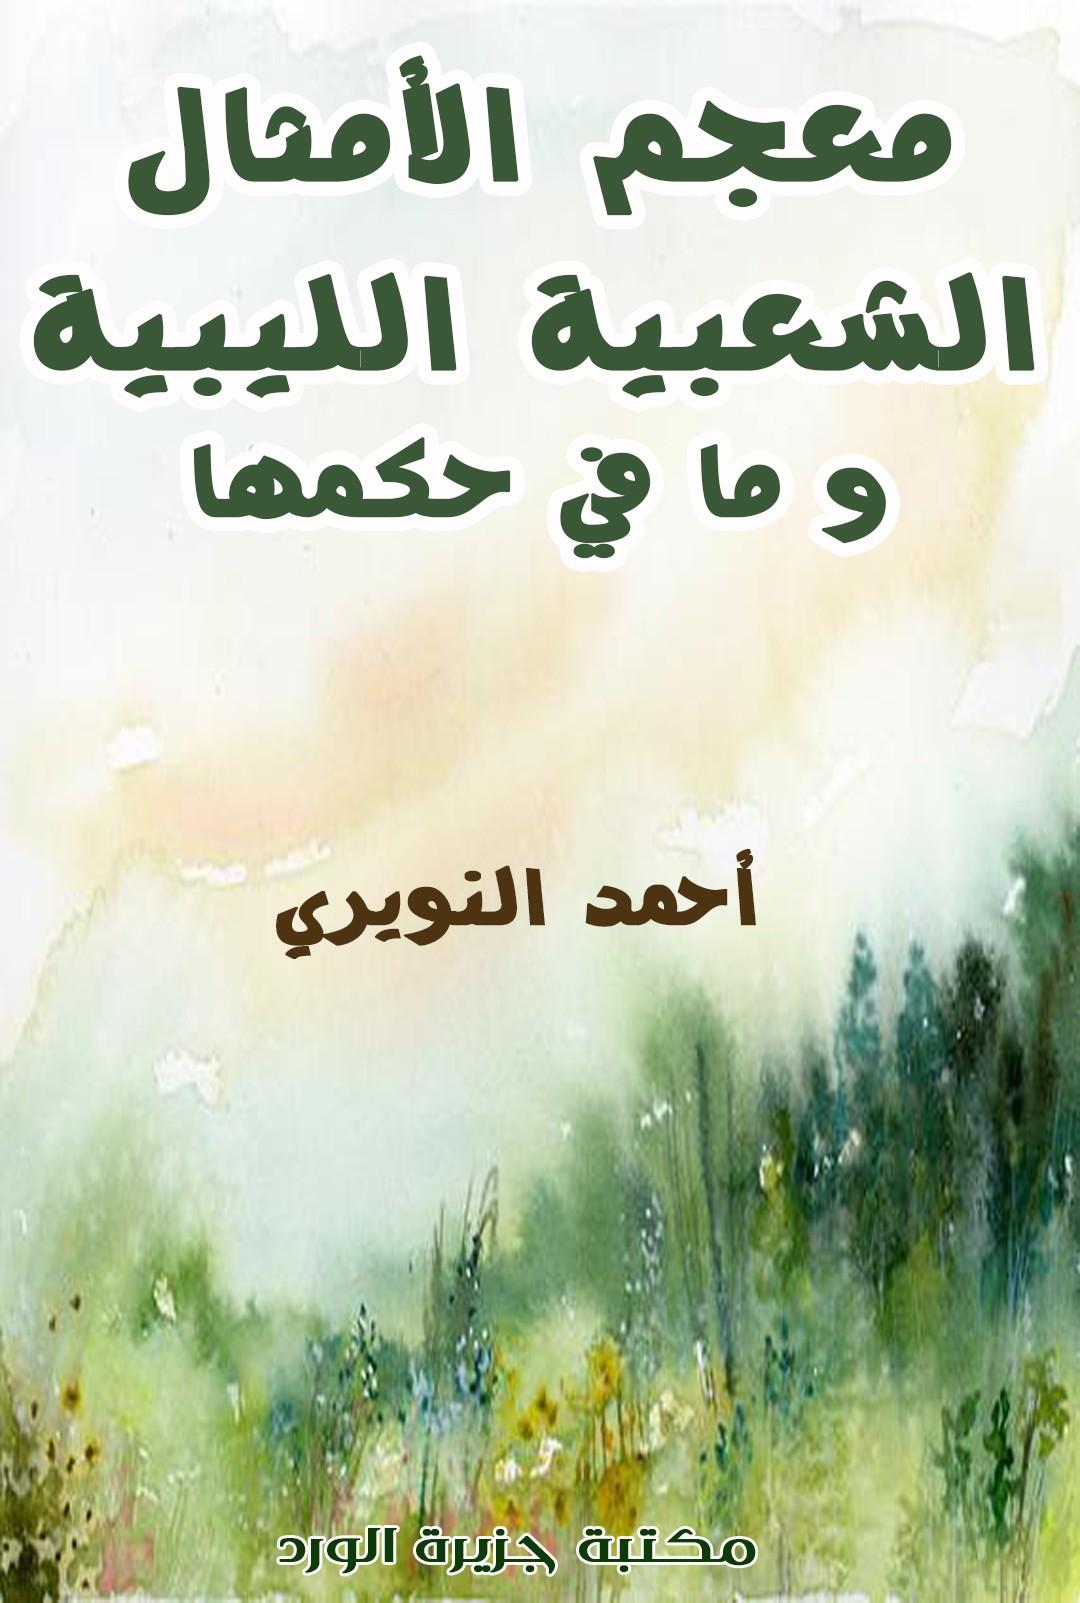 معجم الأمثال الشعبية الليبية وما في حكمها